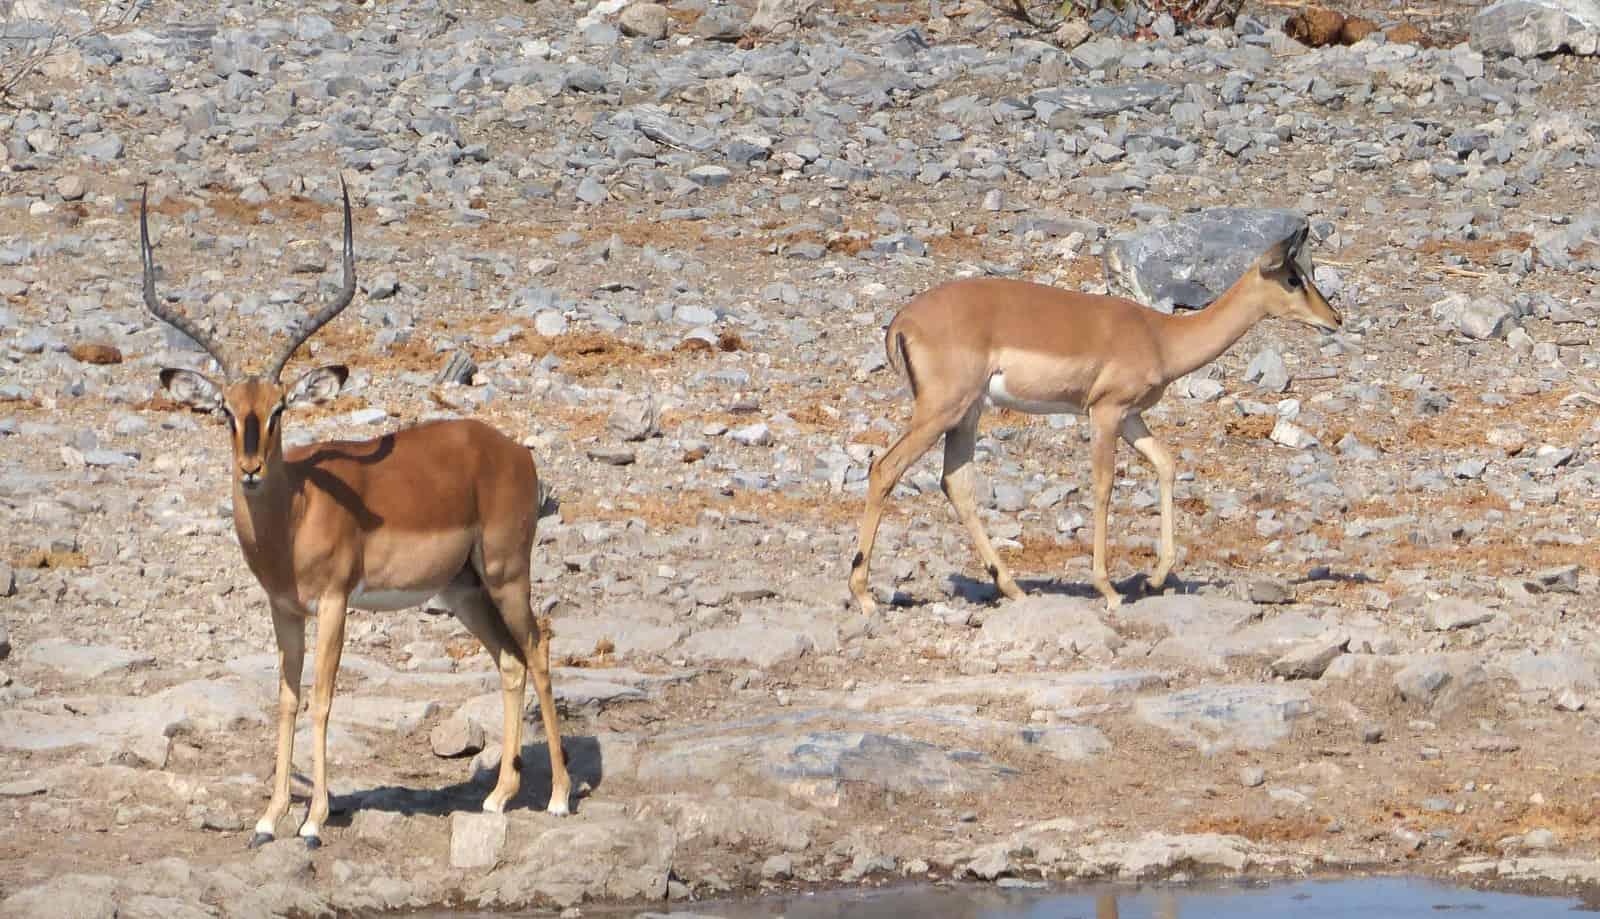 Impalas at Etosha, Namibia